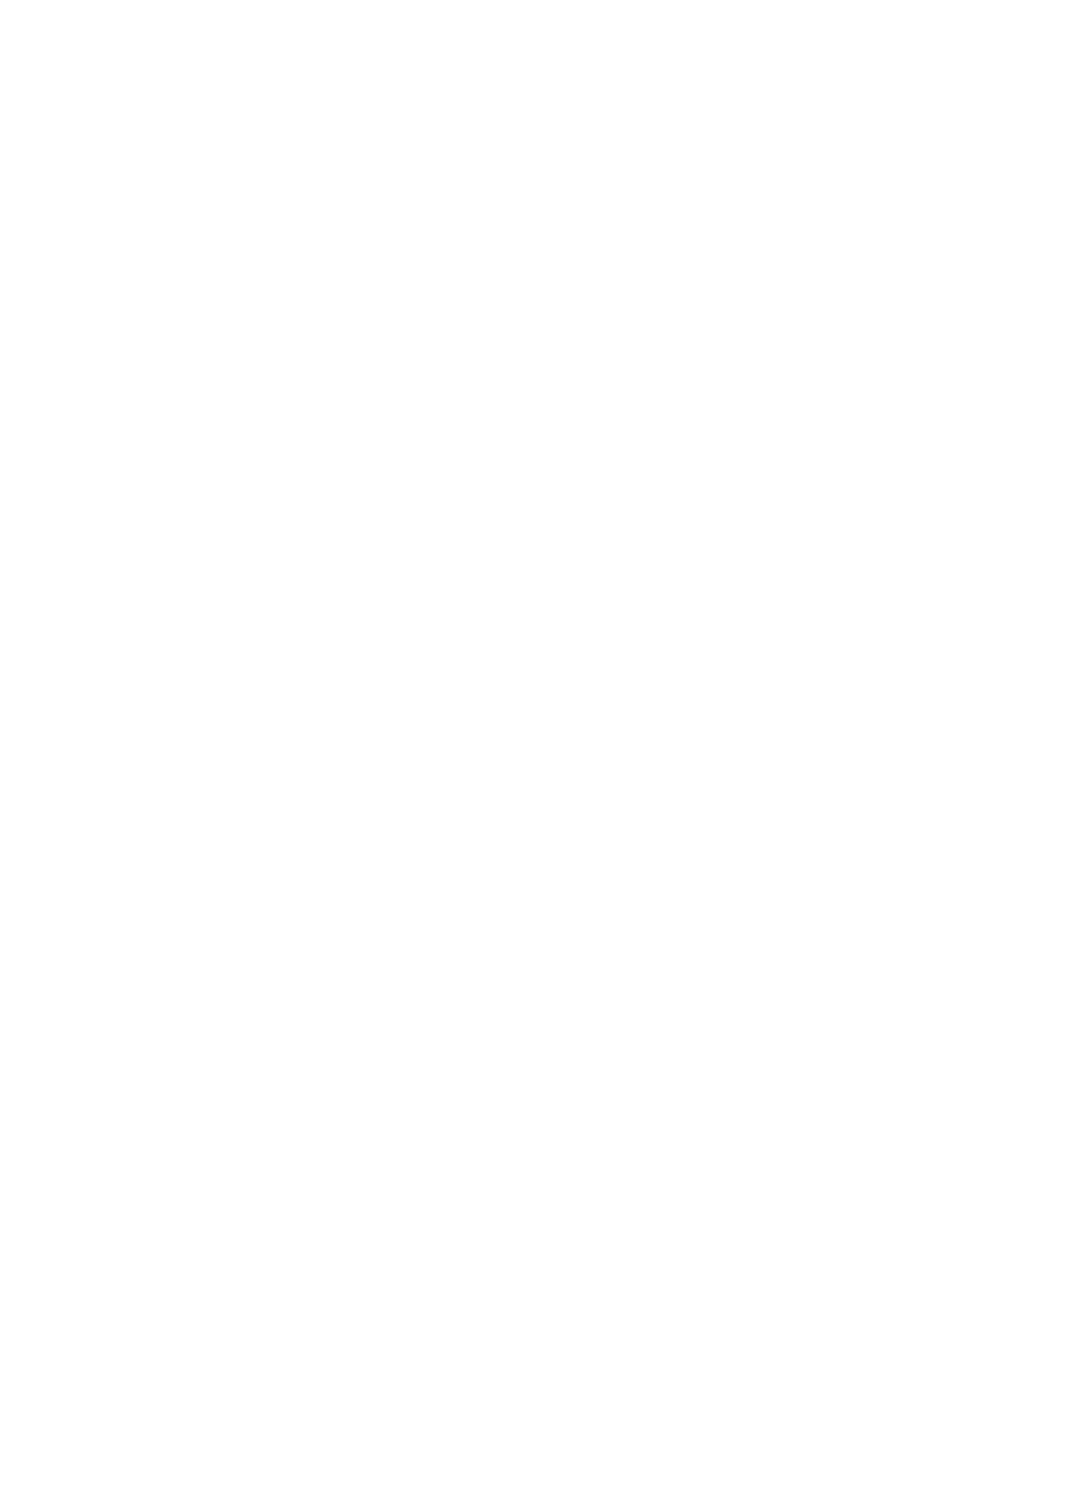 【エロ漫画】昔死んだ母親にソックリな彼女の母親…フェラしたり寝取りな中出しセックスでど変態なトロ顔になっちゃう!【horsetail:母に似たひと】